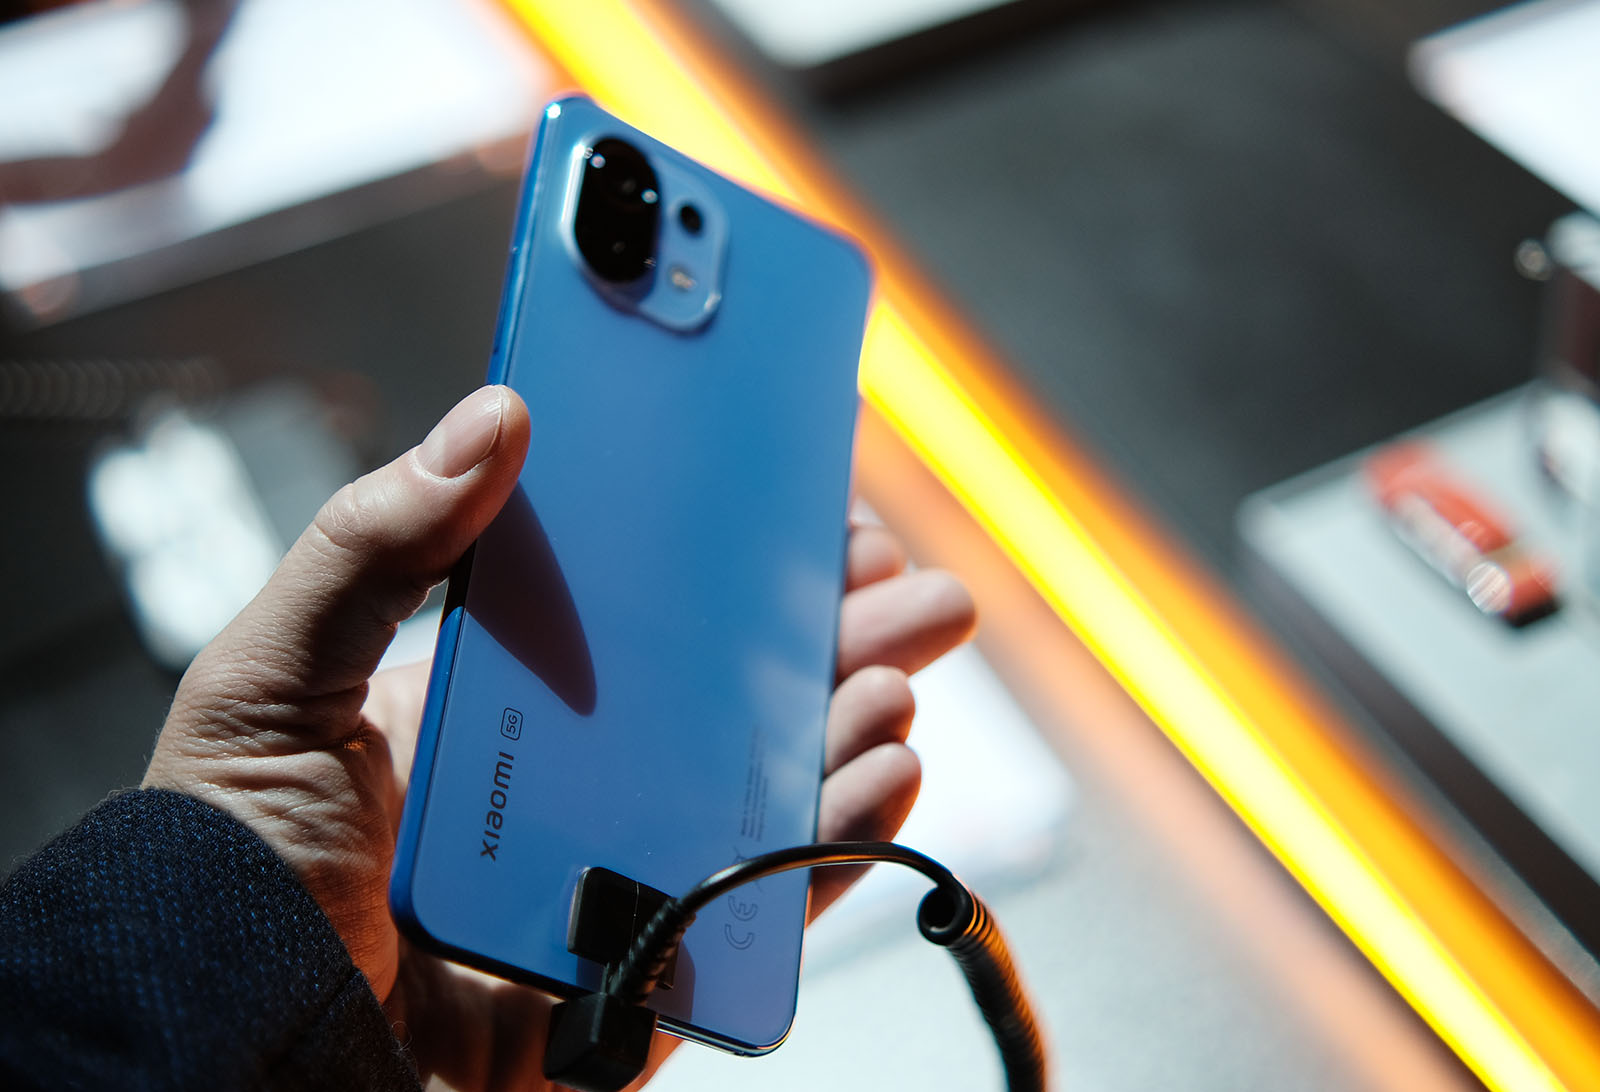 Xiaomi 11 Lite 5G NE